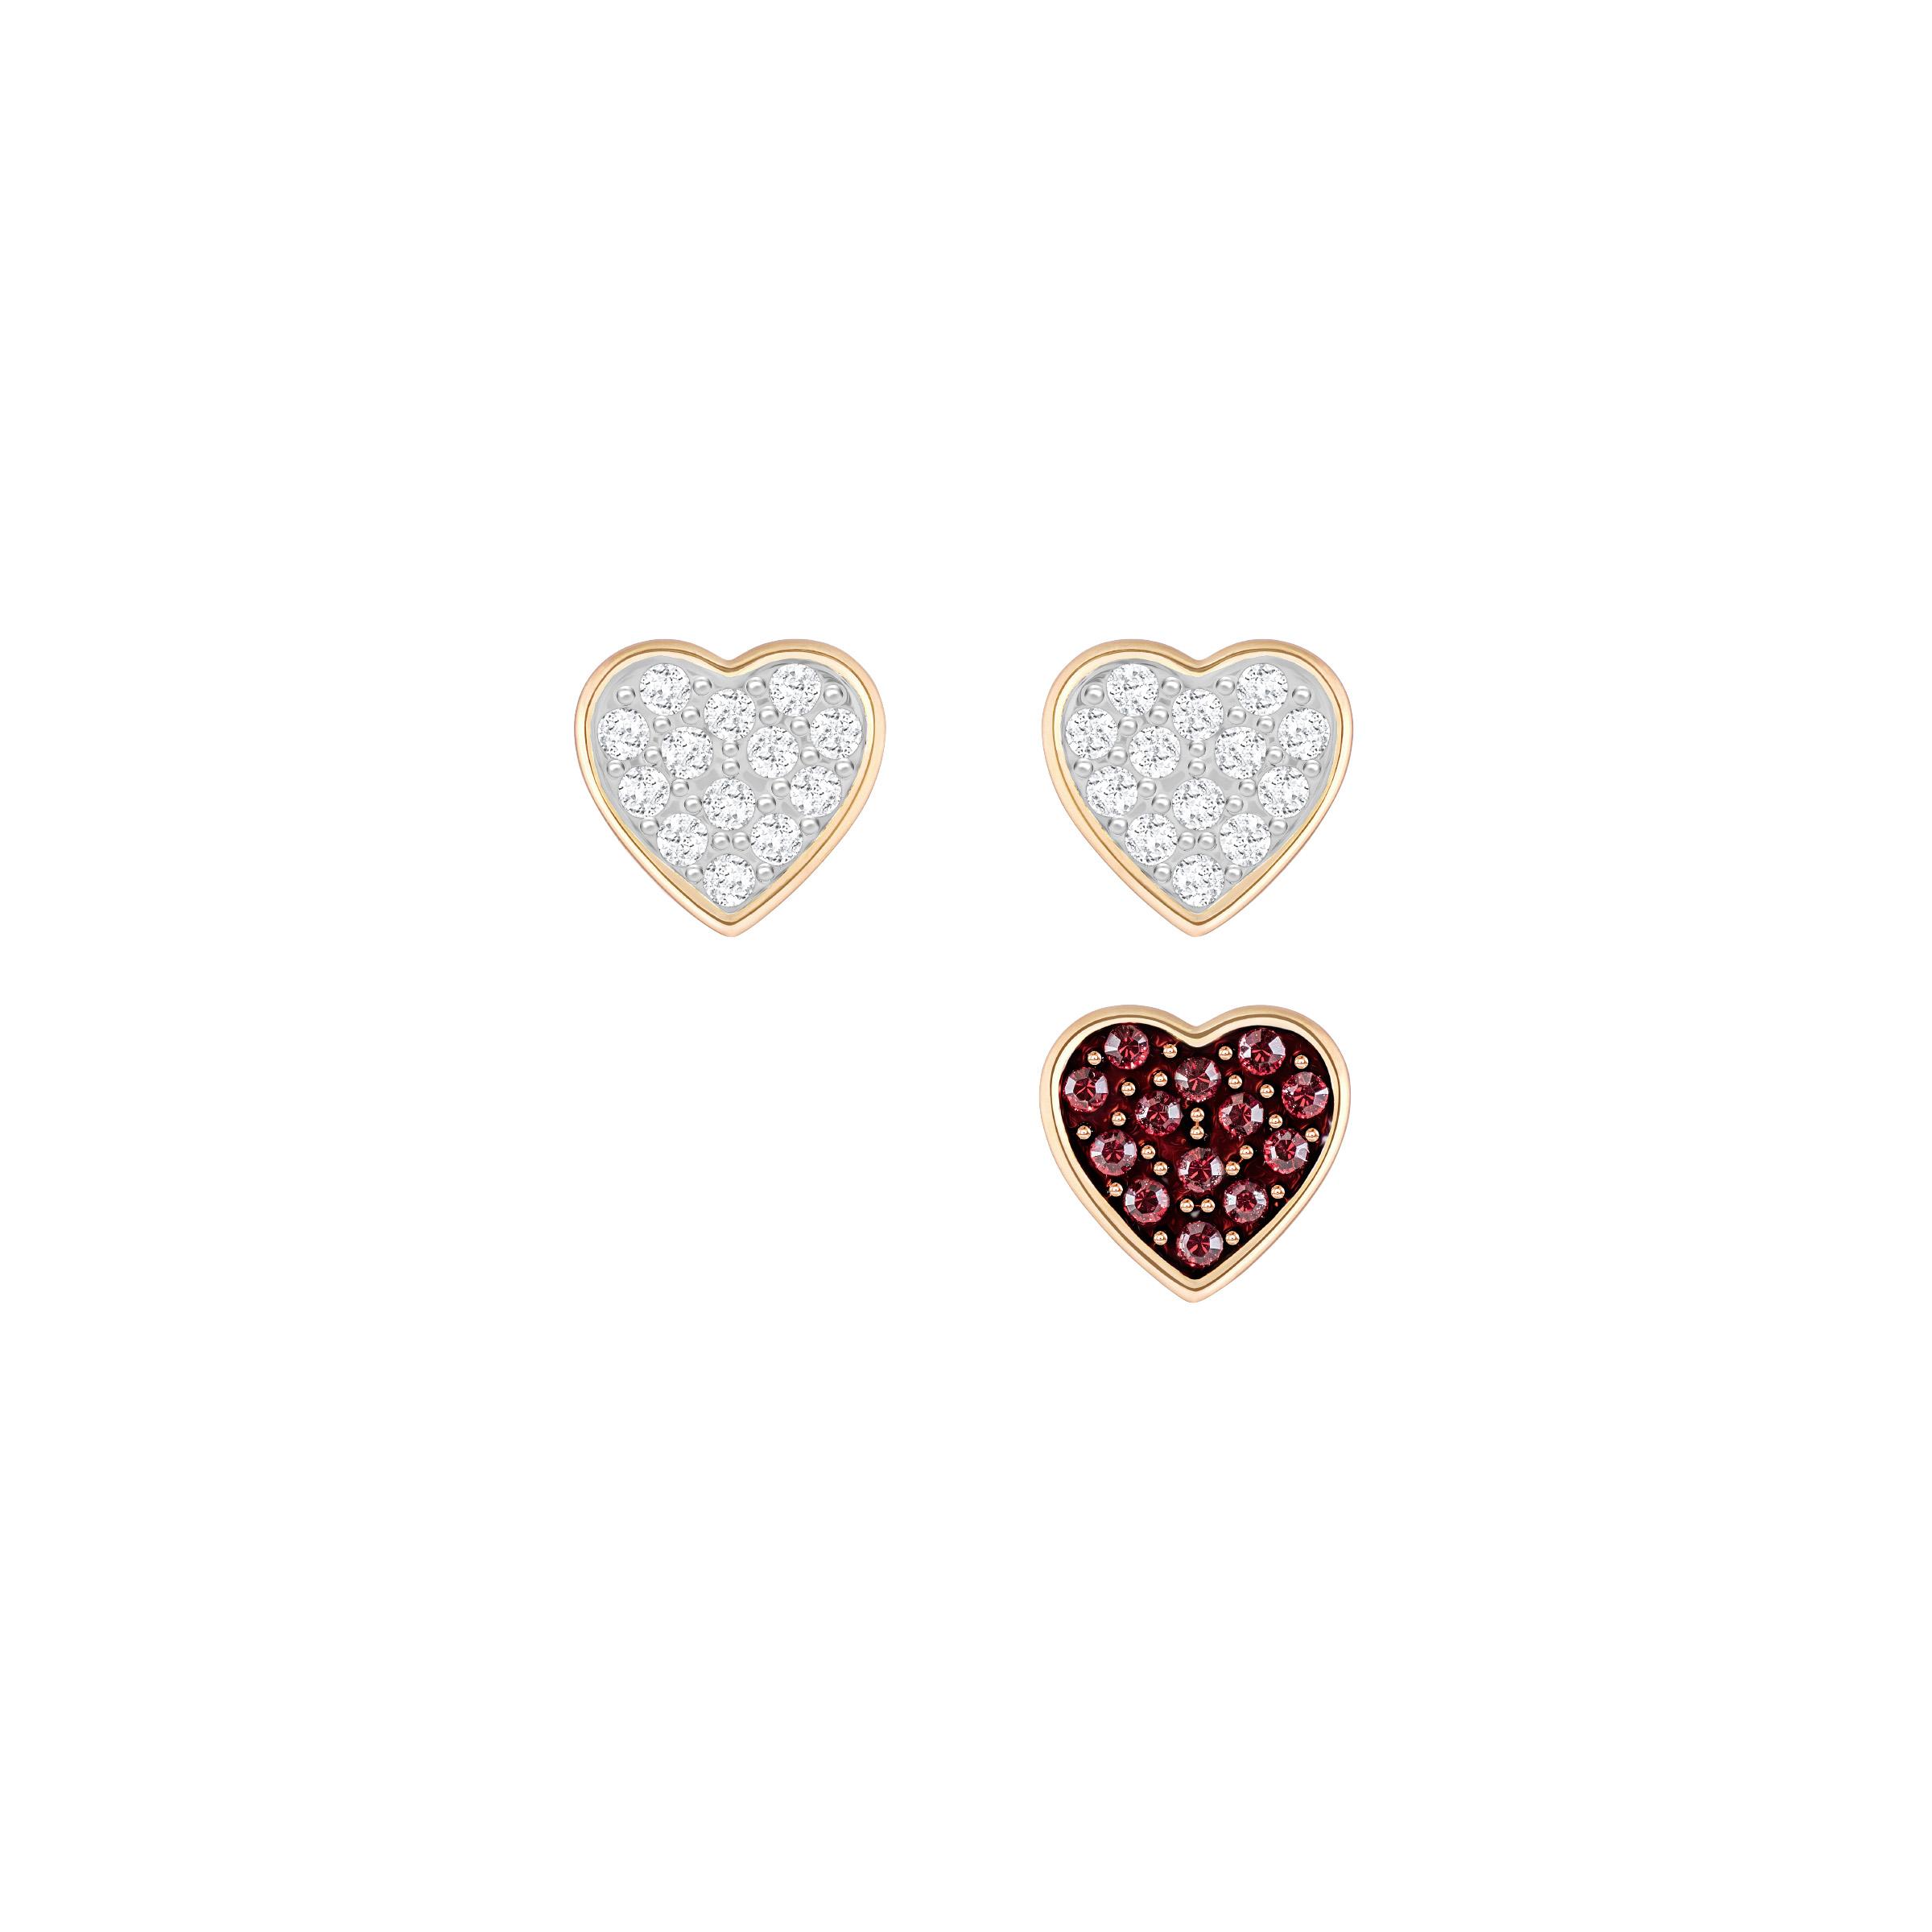 Parure de boucles d'oreilles Swarovski Crystal Wishes Heart, multicolore, plaqué or rose